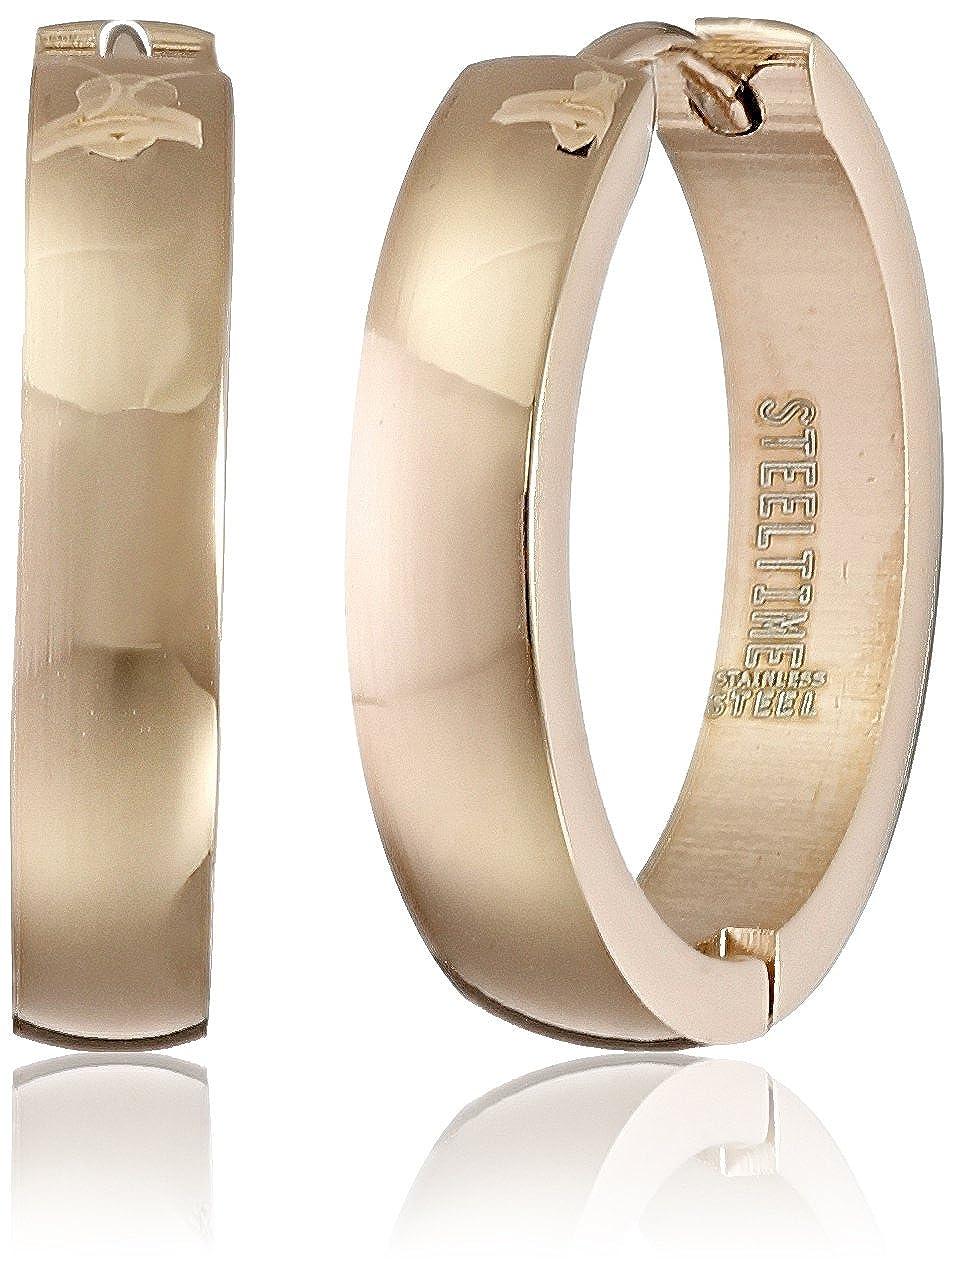 Stainless Steel Rose Gold Huggie Earrings 618-165-E